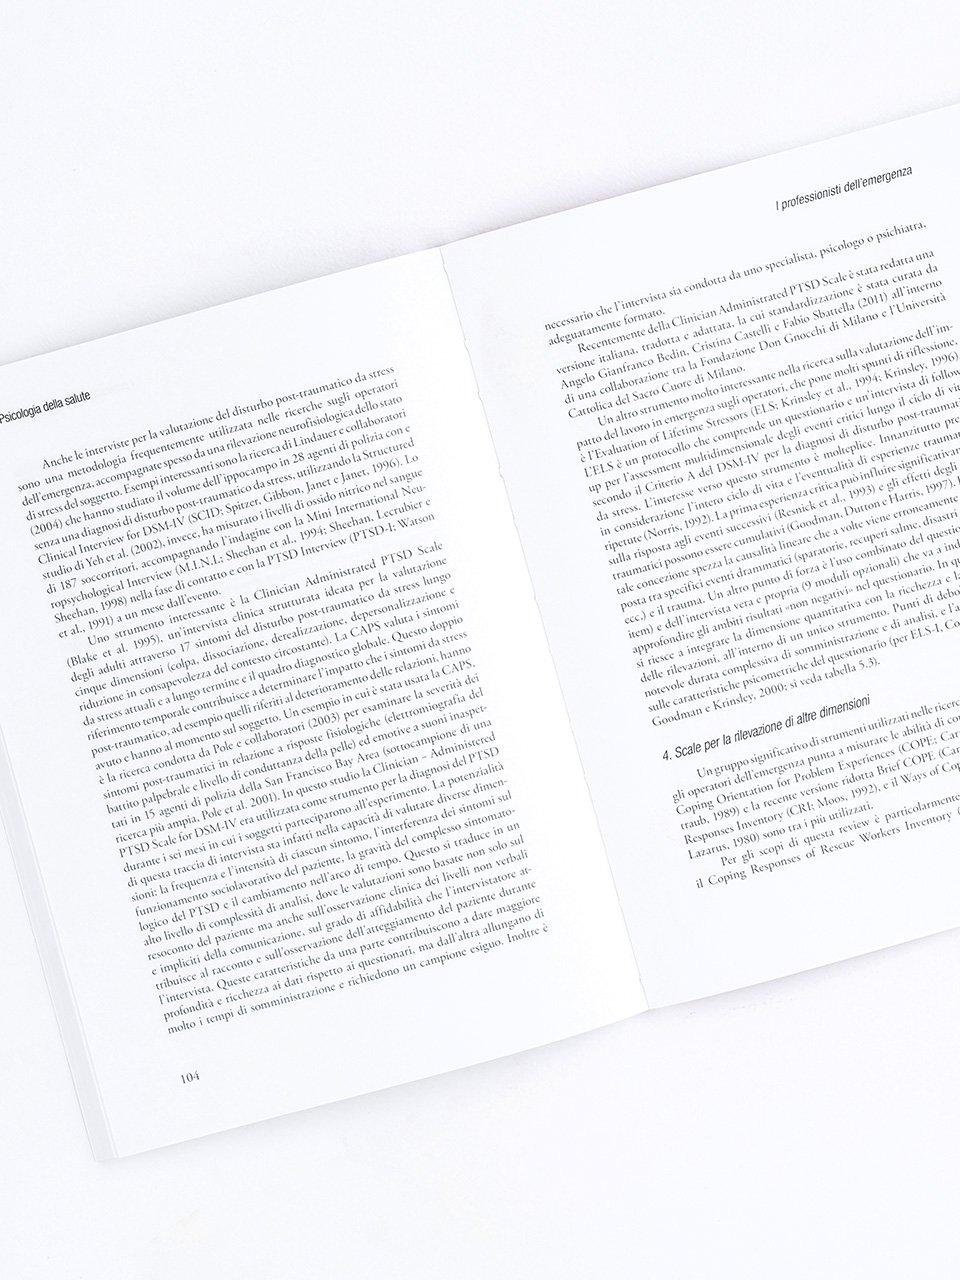 Psicologia della salute - Libri - Erickson 2